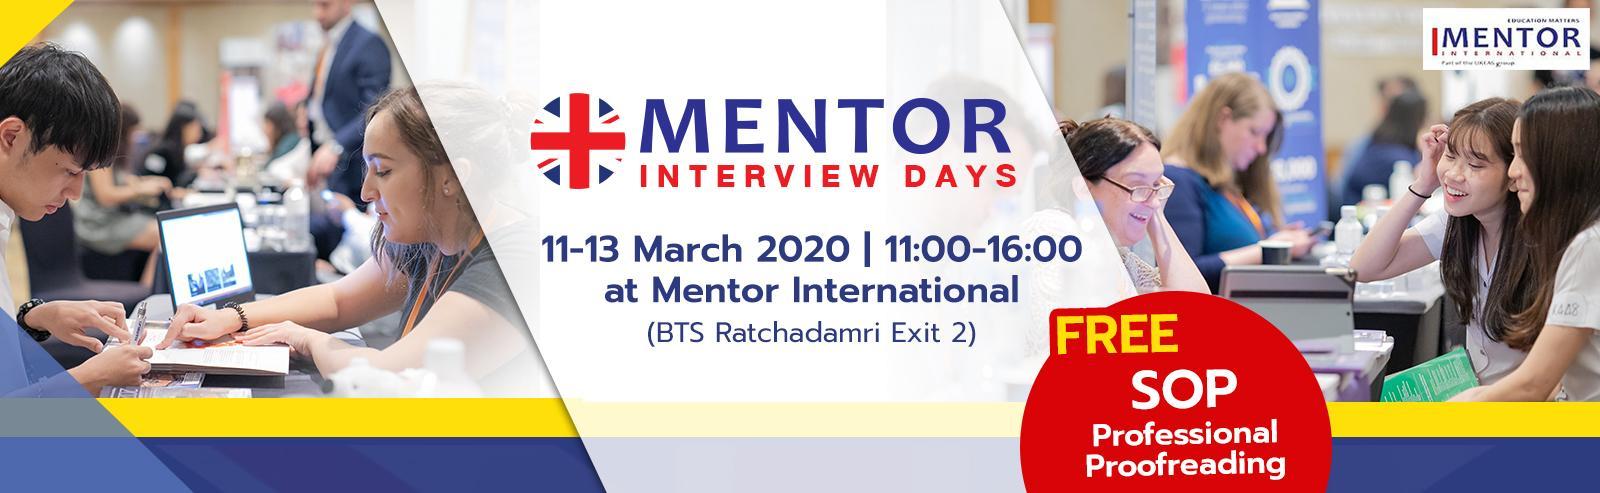 UK Education Fair 2020 งานแนะแนวศึกษาต่อสหราชอาณาจักรที่ใหญ่ที่สุดในประเทศไทย จาก Mentor International ที่รวบรวมกว่า 40 สถาบันชั้นนำจากประเทศอังกฤษ ซึ่งเเหมาะสำหรับผู้ที่สนใจหรือกำลังวางแผนศึกษาต่อในสหราชอาณาจักร ในระดับมัธยมศึกษา ปริญญาตรี ปริญญาโท และปริญญาเอก ลงทะเบียนได้แล้ววันนี้ ฟรีตลอดทั้งงาน